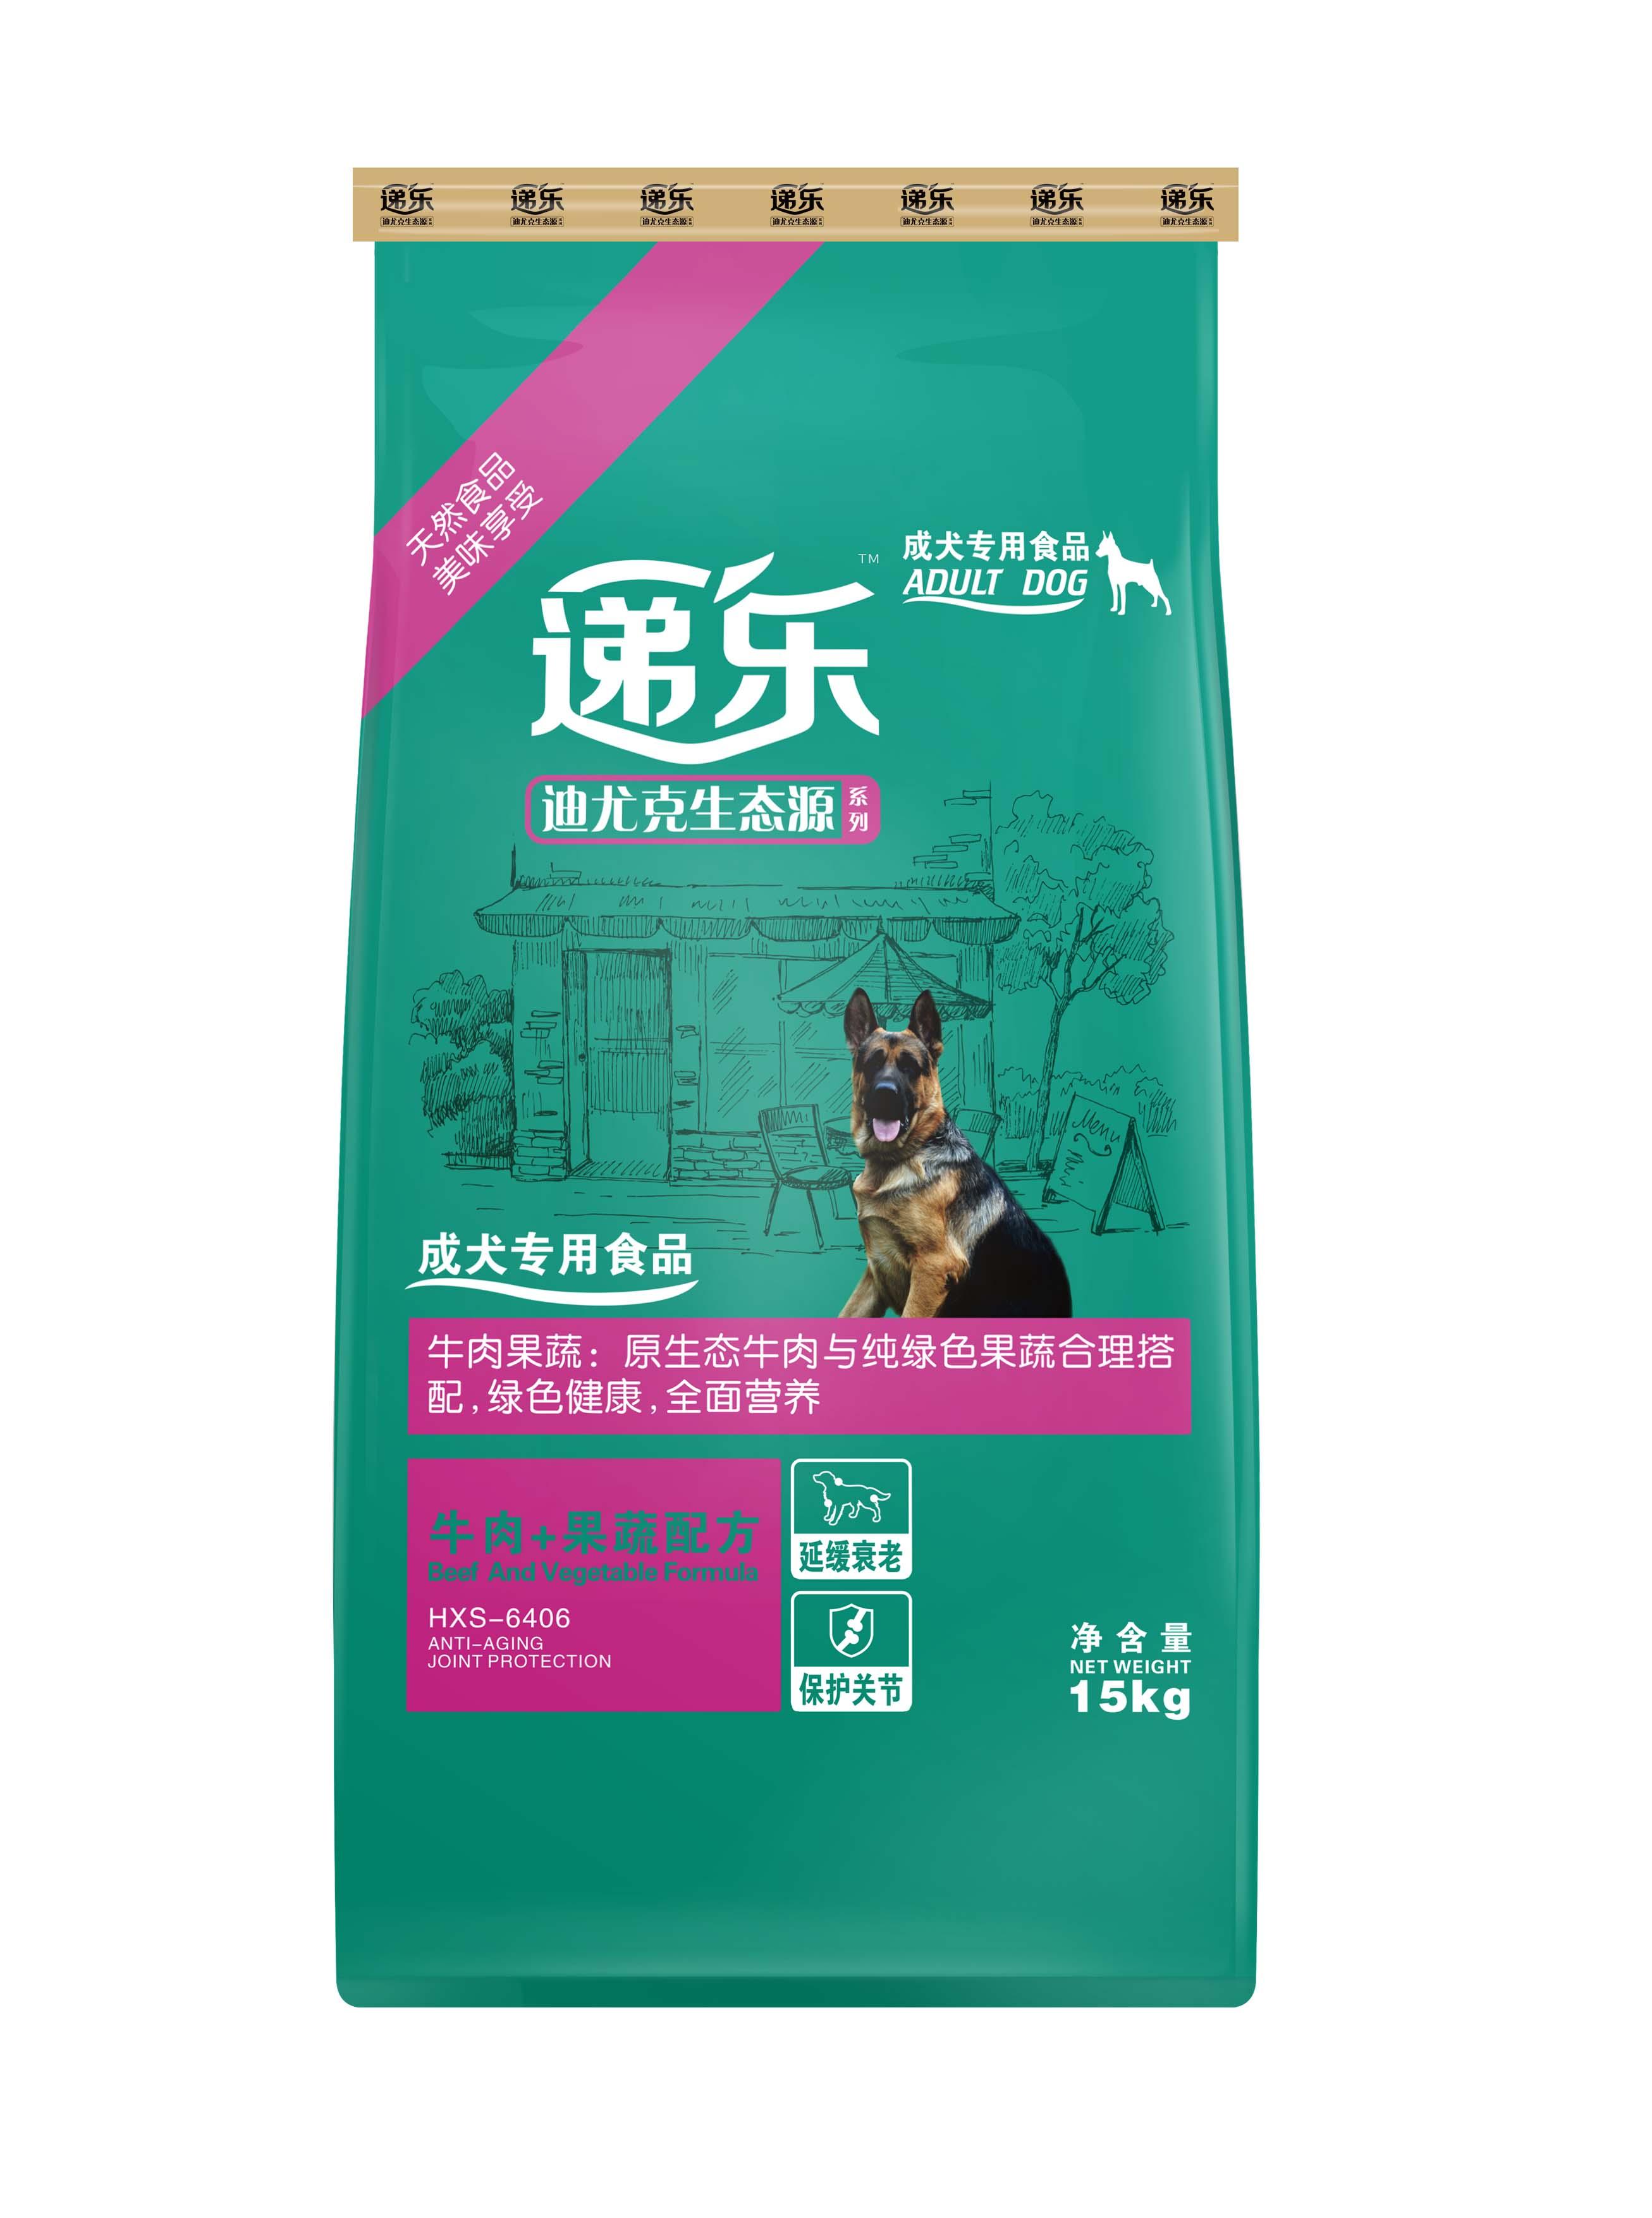 迪尤克狗粮成犬大型犬牛肉果蔬延缓衰老天然迪优克15kg 多省包邮